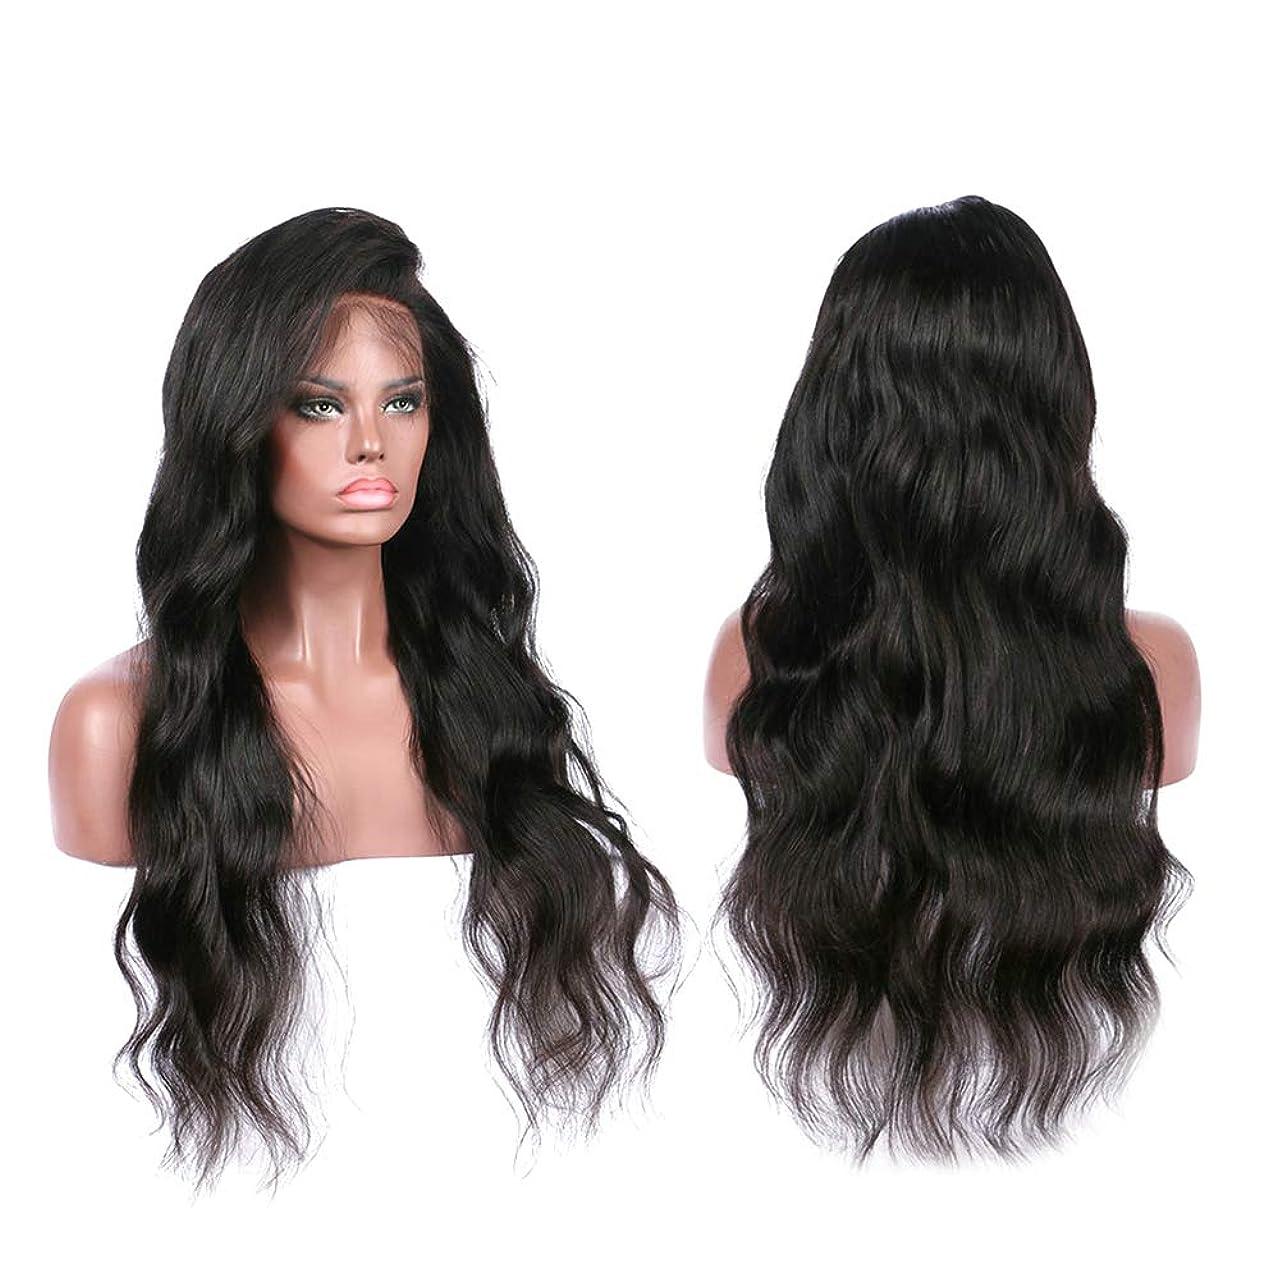 基準うなる蓮ヨーロッパの女性のレースフロントかつら女性のための長い巻き毛の人工かつら(LS-094)